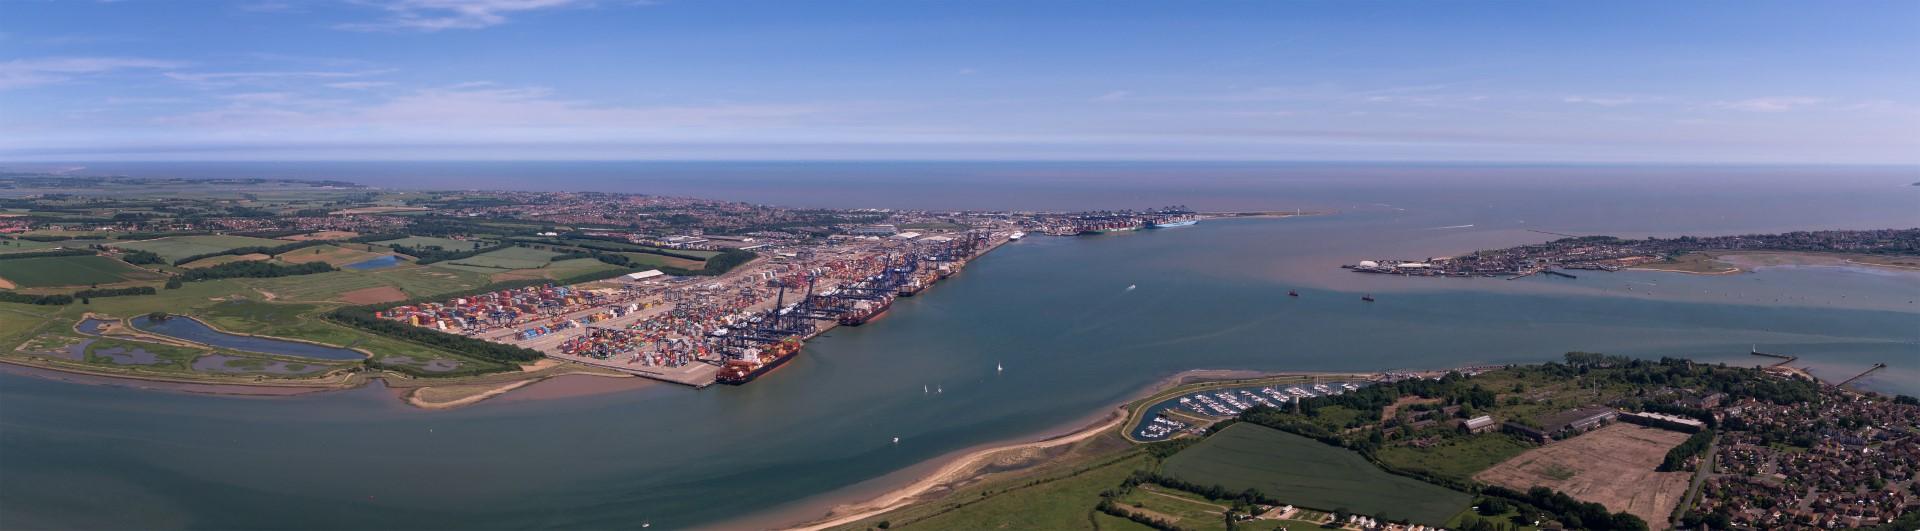 De toegang naar de Haven van Harwich wordt uitgediept. (Foto Boskalis)